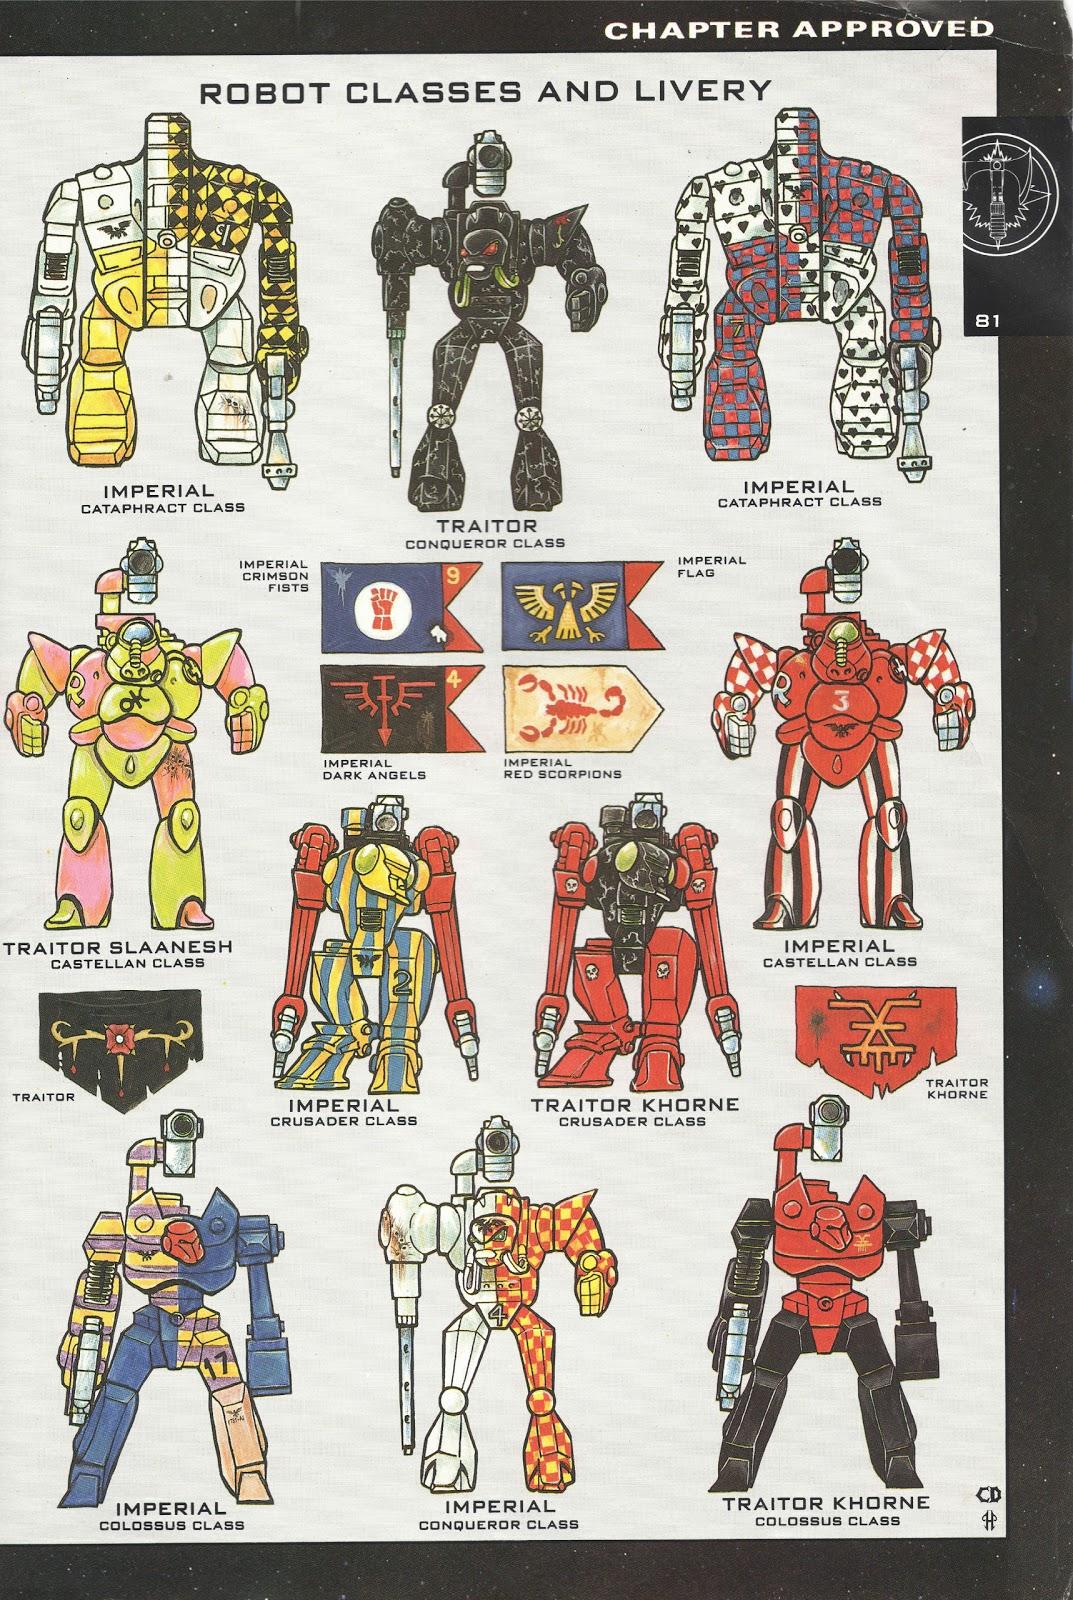 Los robots imperiales y la Legio Cybernética